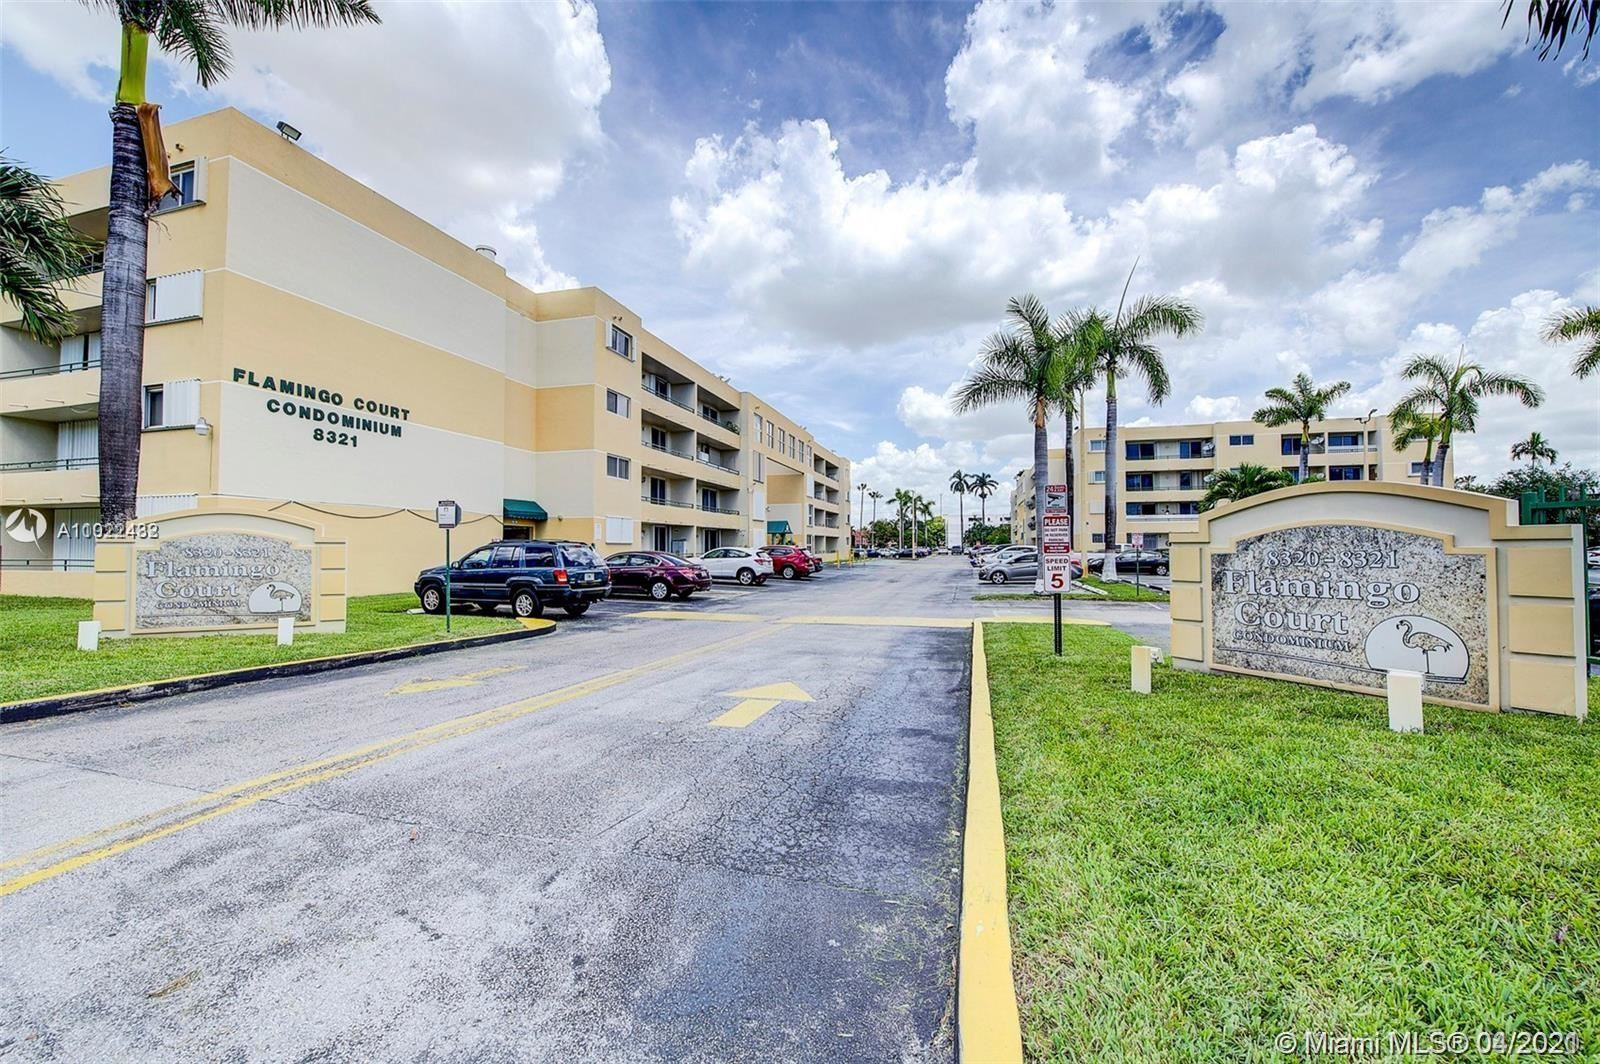 8320 NW 8th St #2-210, Miami, FL 33126 - #: A11022432